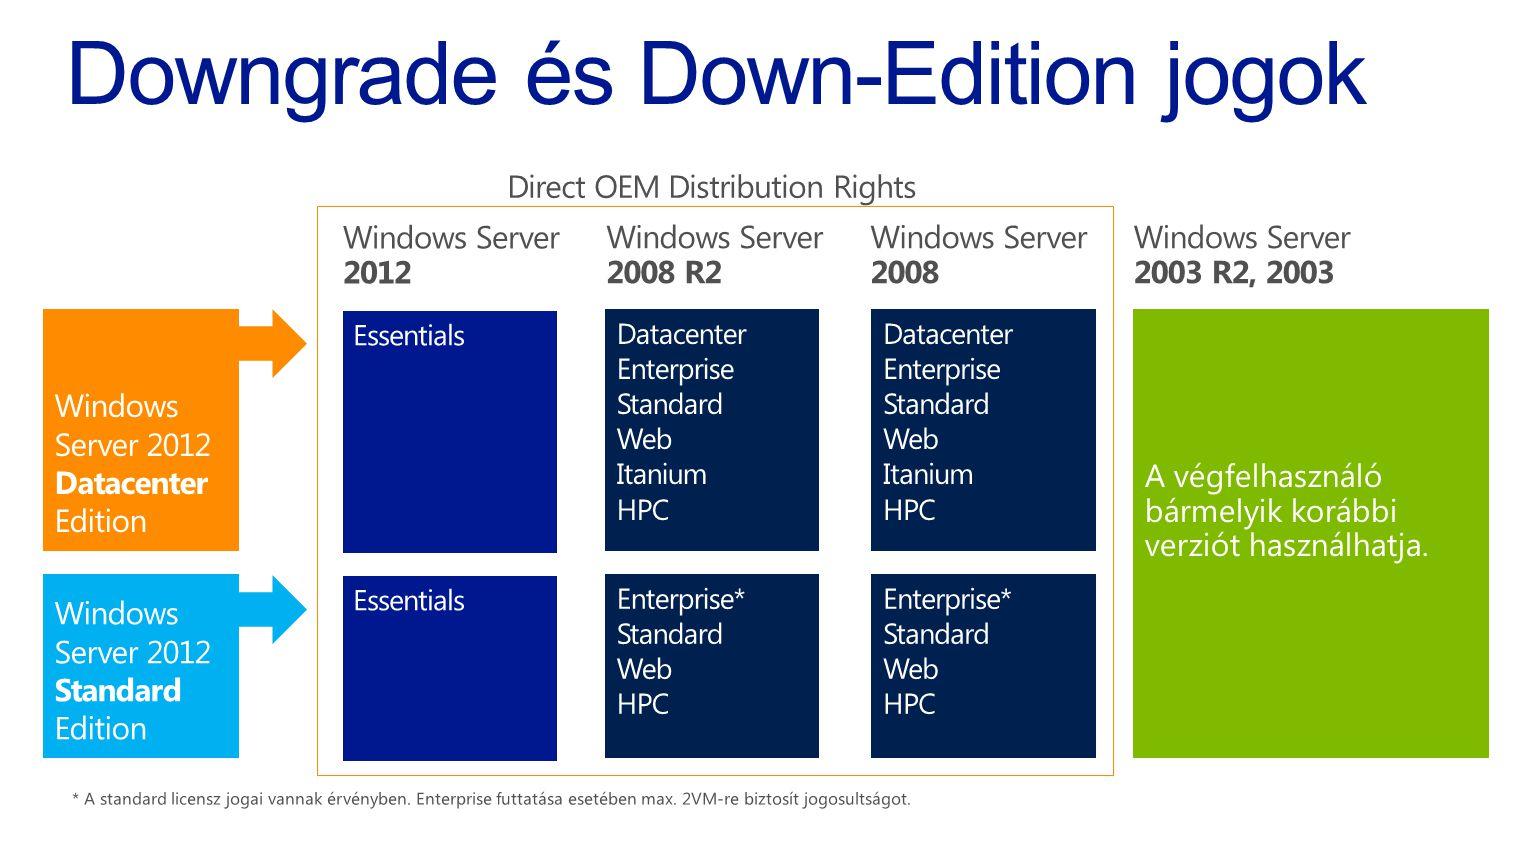 Downgrade és Down-Edition jogok